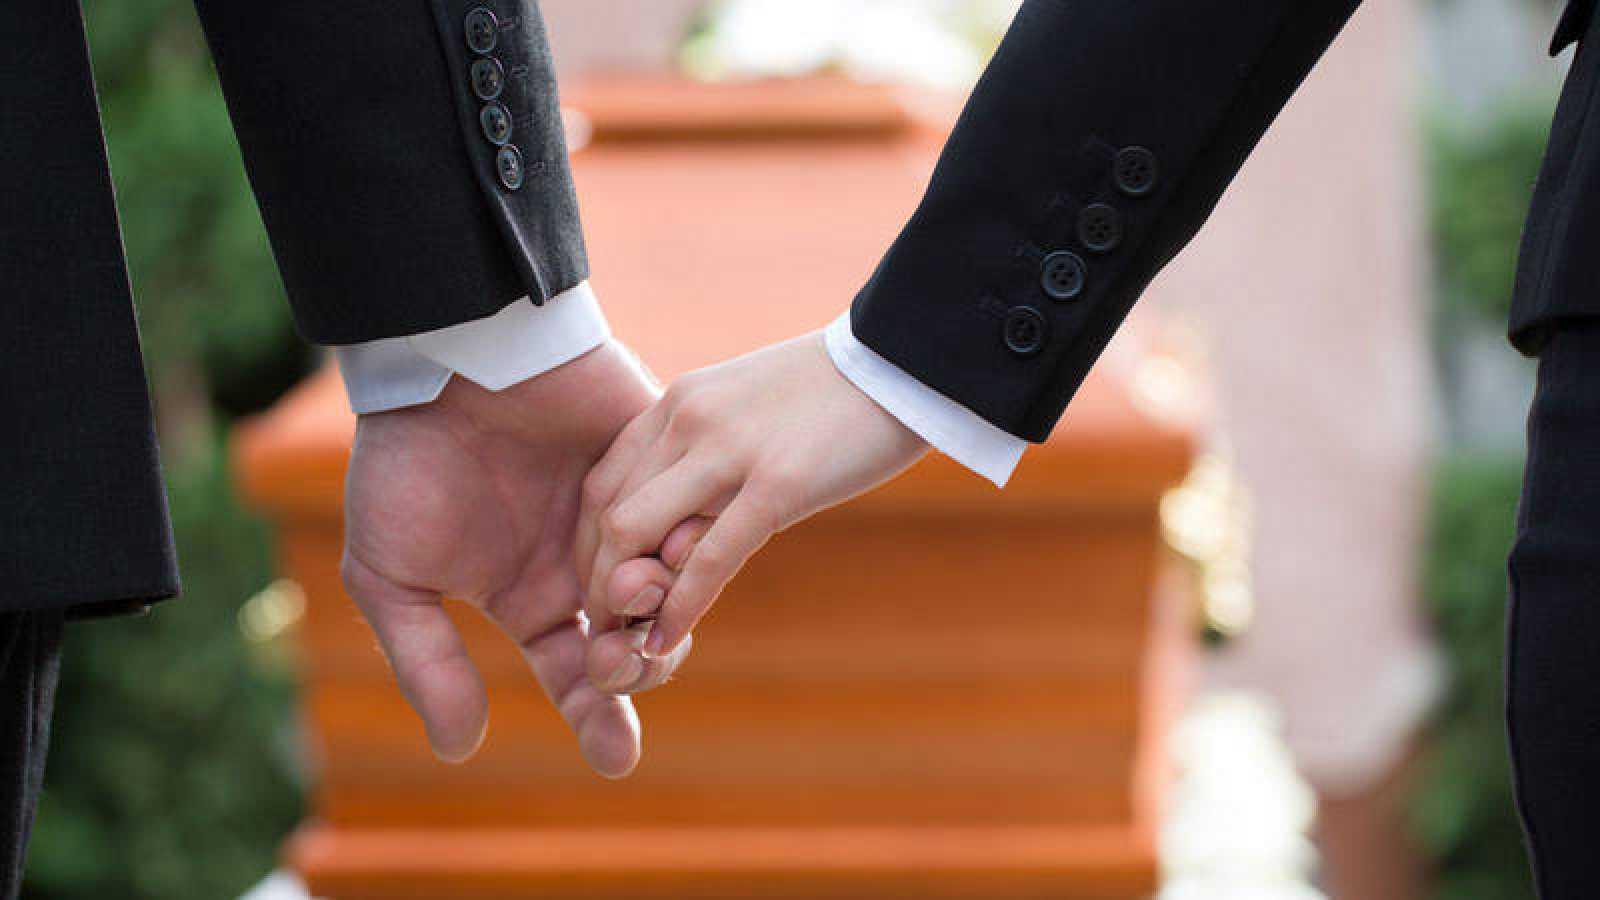 Desde 2007 un Registro del Ministerio de Justicia permite consultar si un fallecido tenía seguro de vida